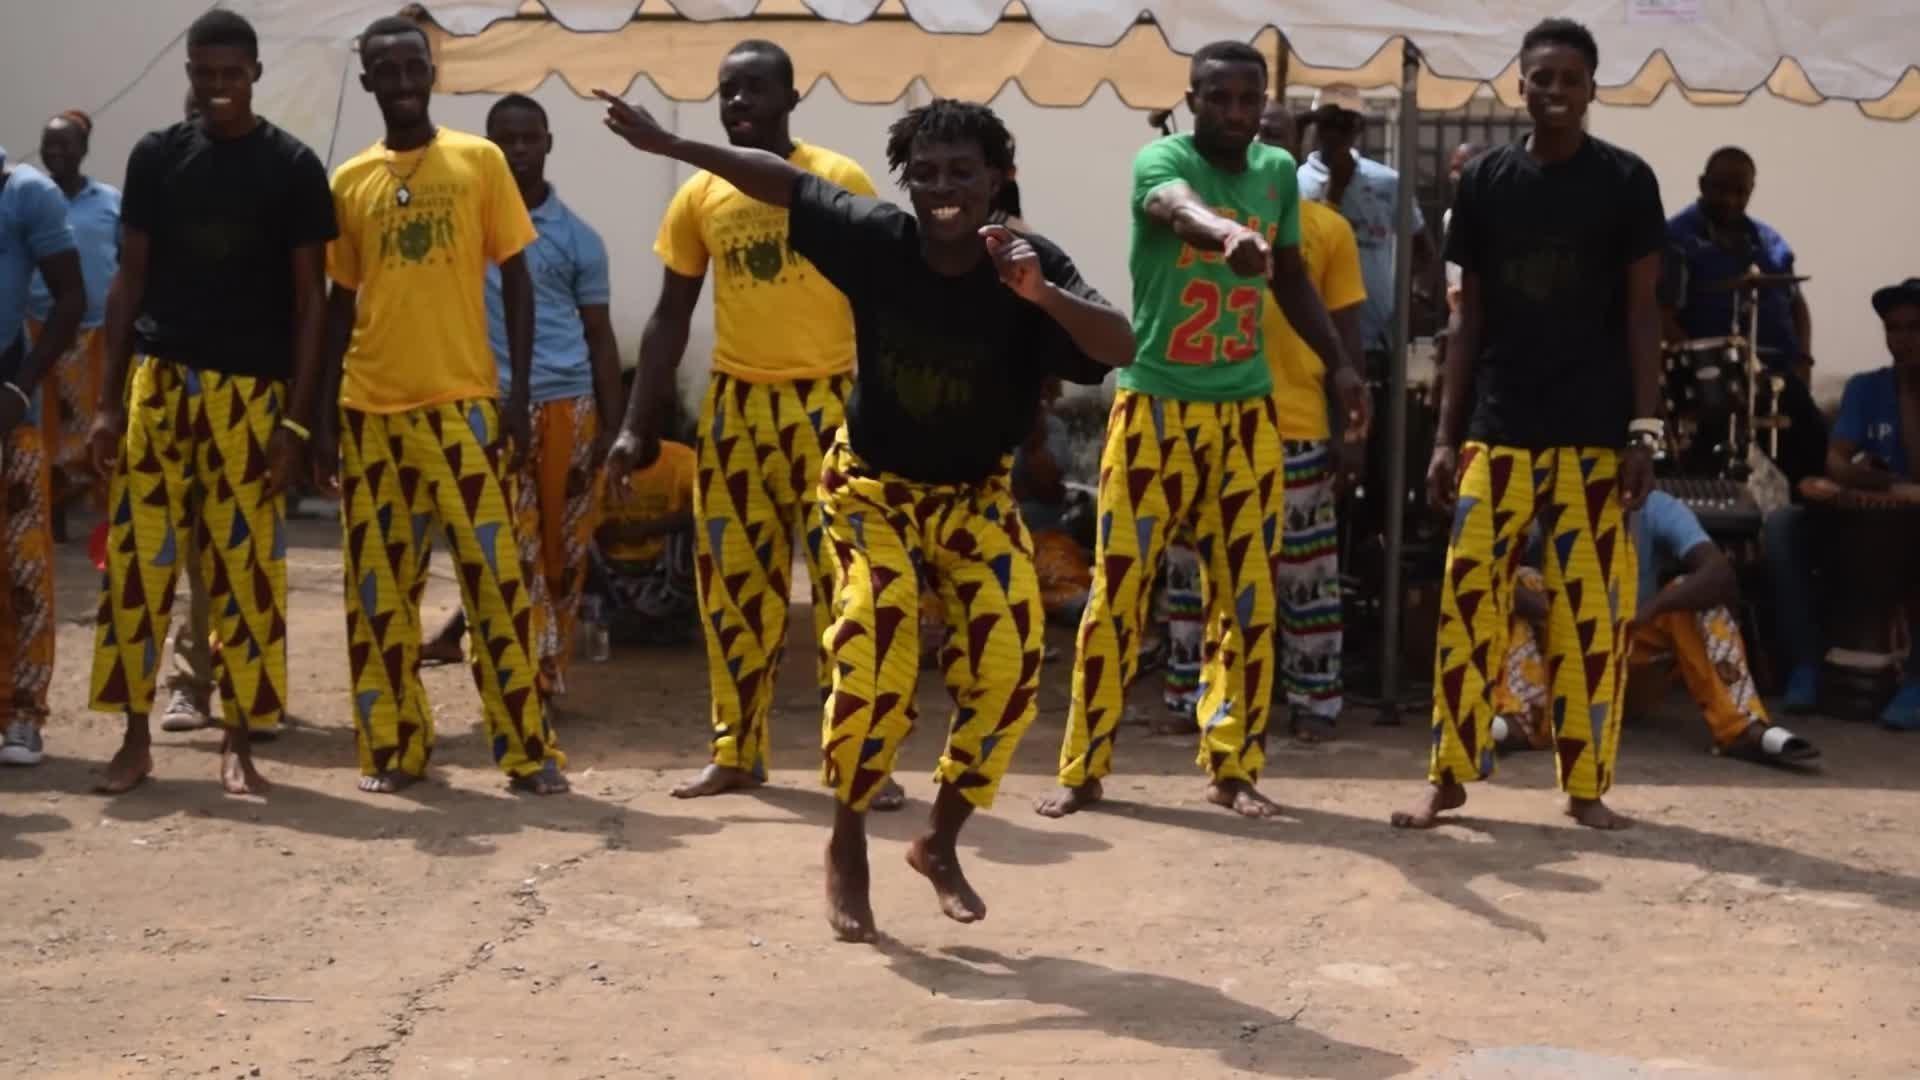 The_dancing_men_of_Liberia